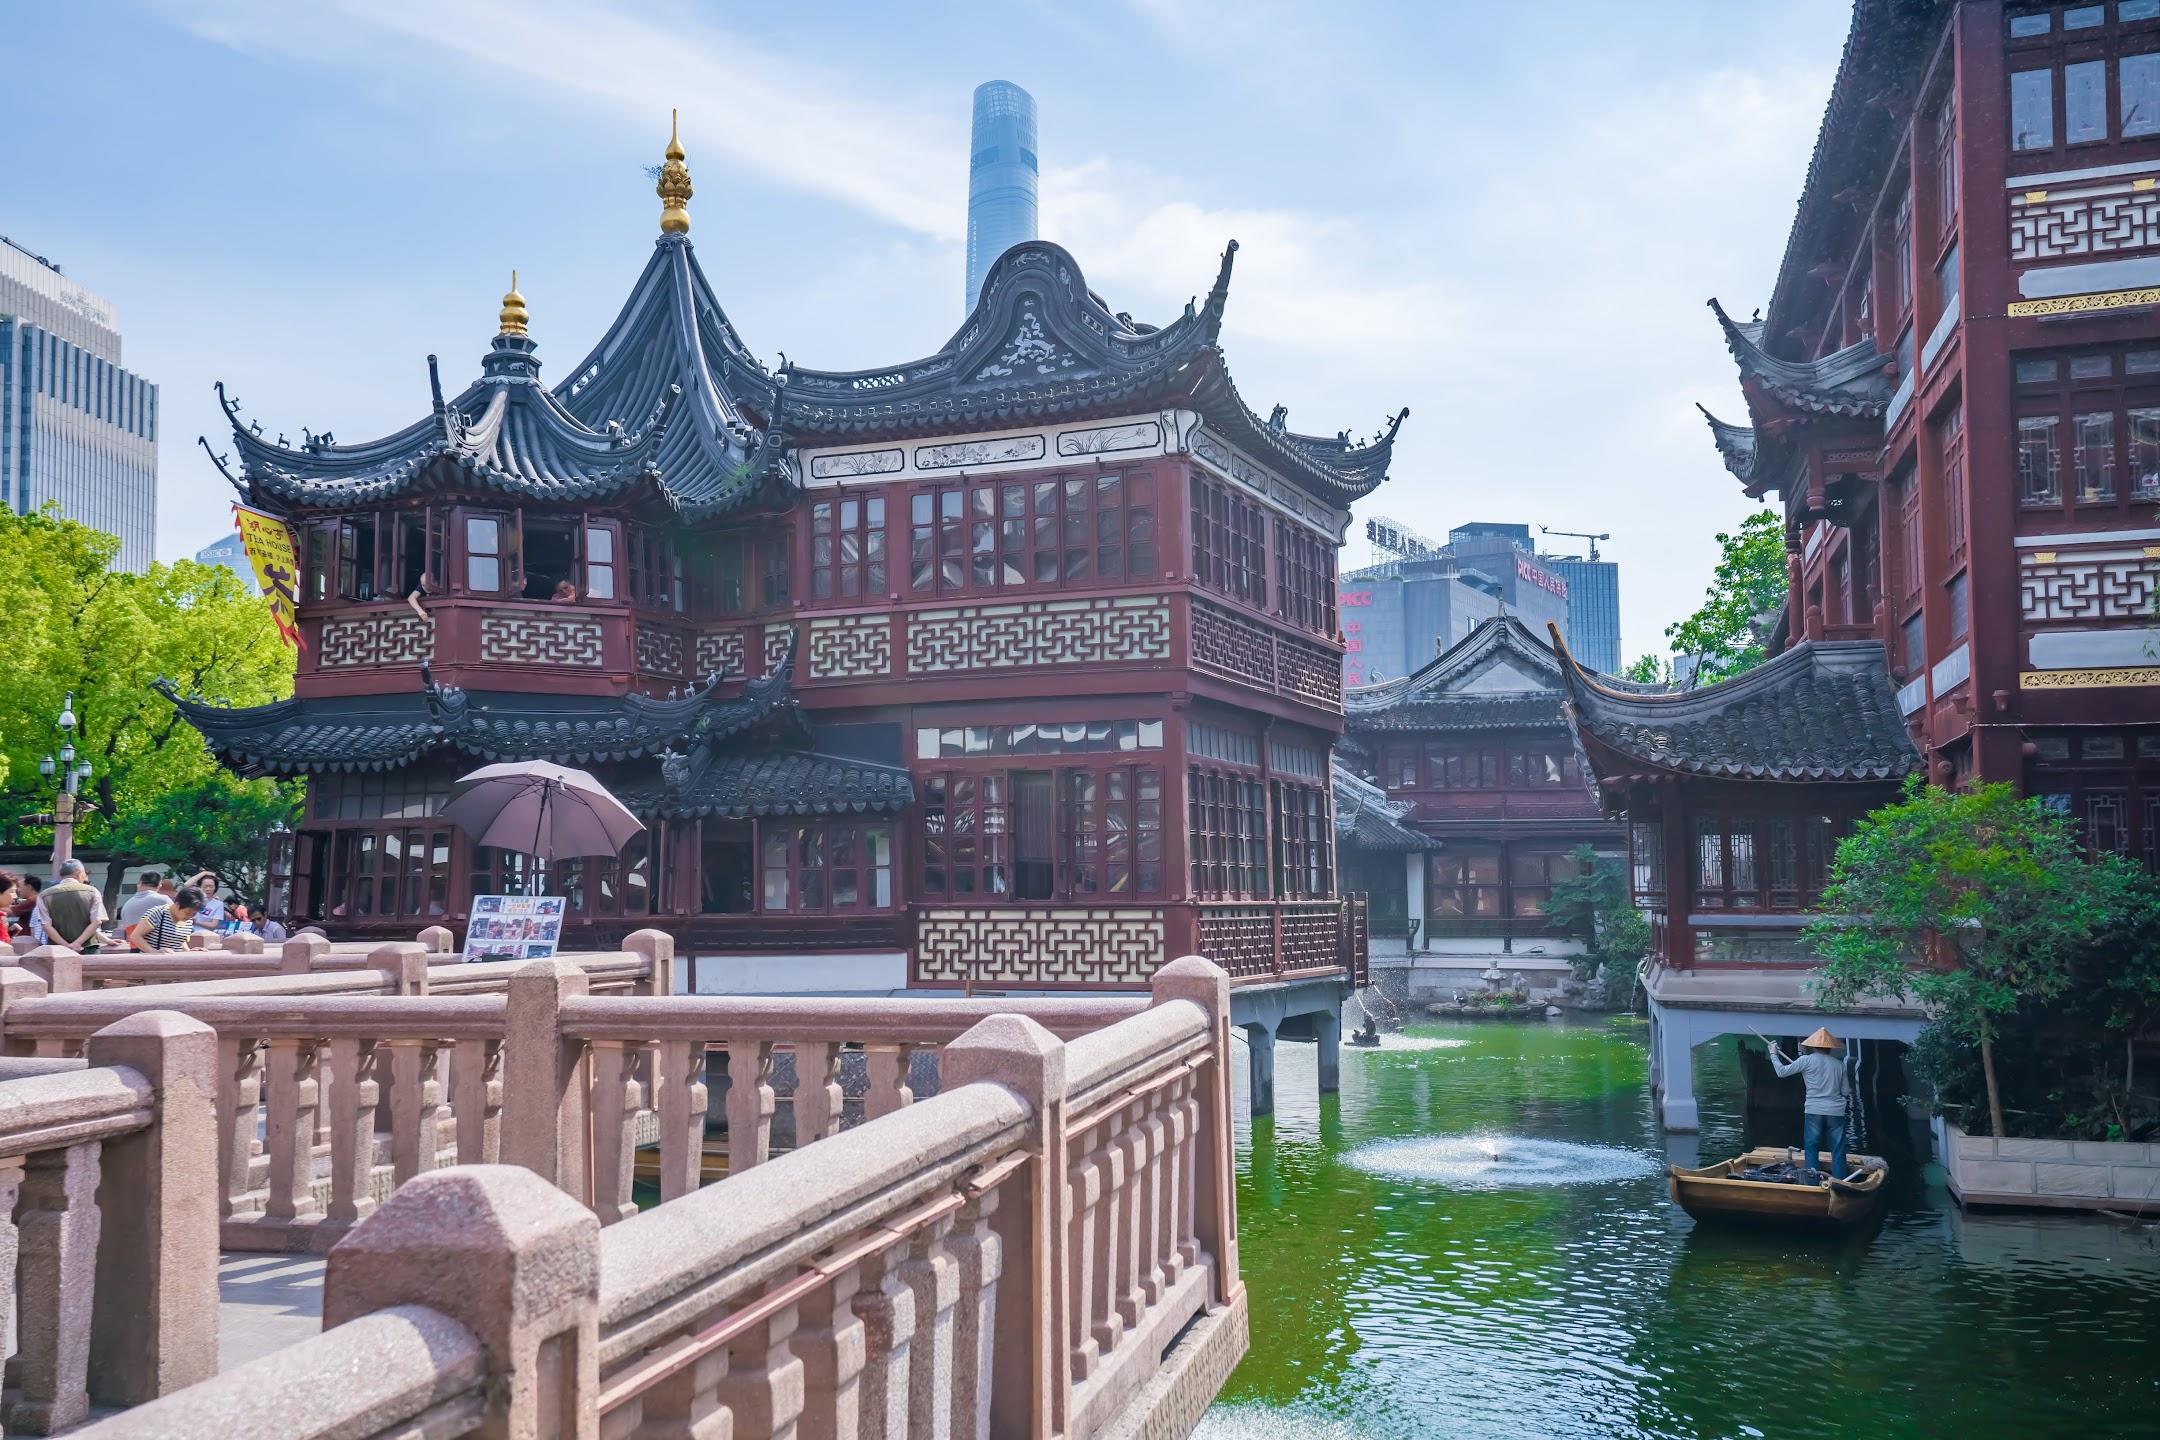 Shanghai Yuyuan Huxin Pavilion (The Mid-Lake Pavilion Teahouse)1